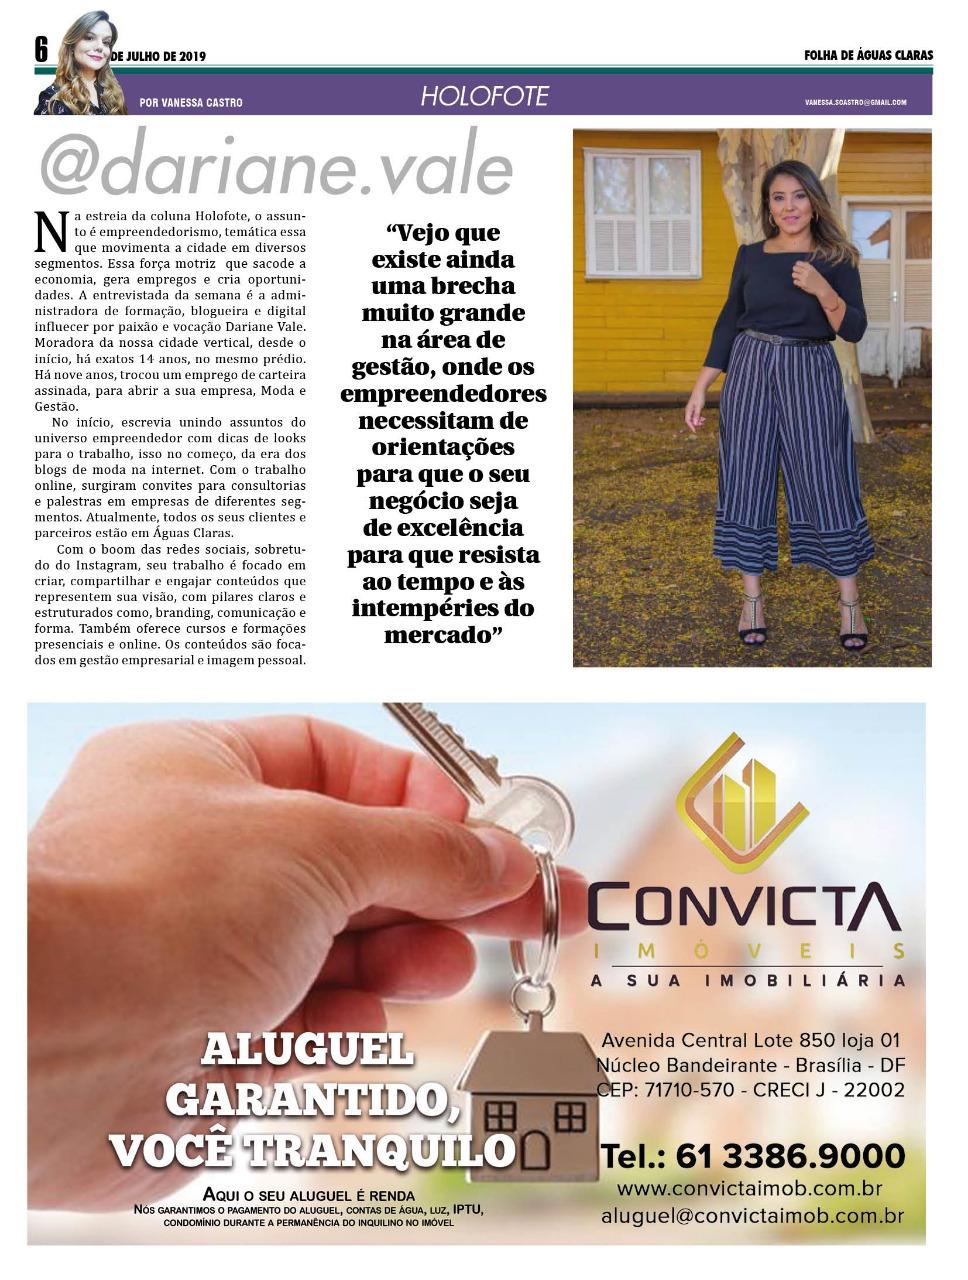 Empreendedorismo feminino em Águas Claras